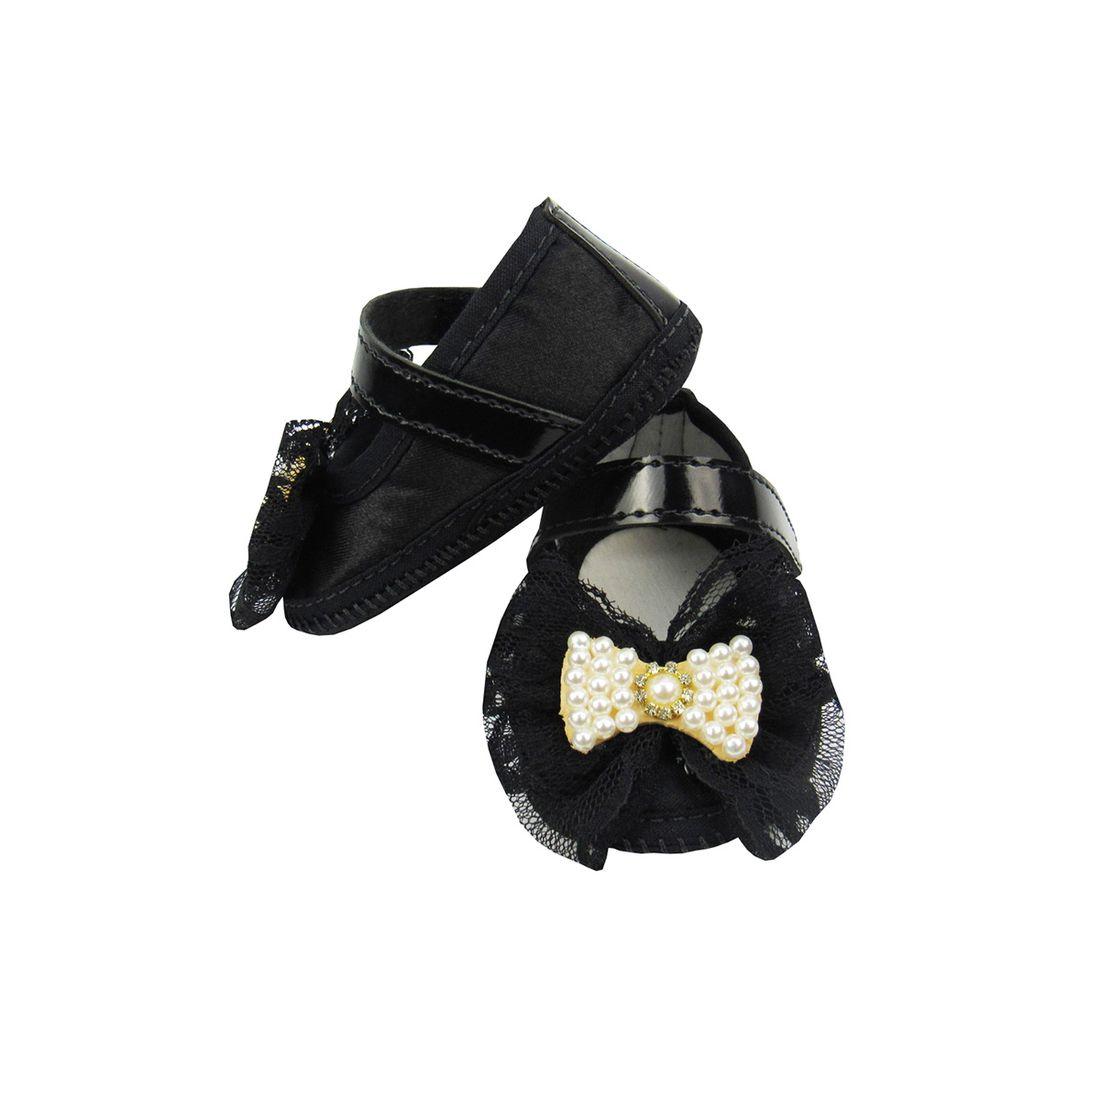 e844cc5a0 Sapato Bebê Feminino Preto com Laço de Renda e Pérolas